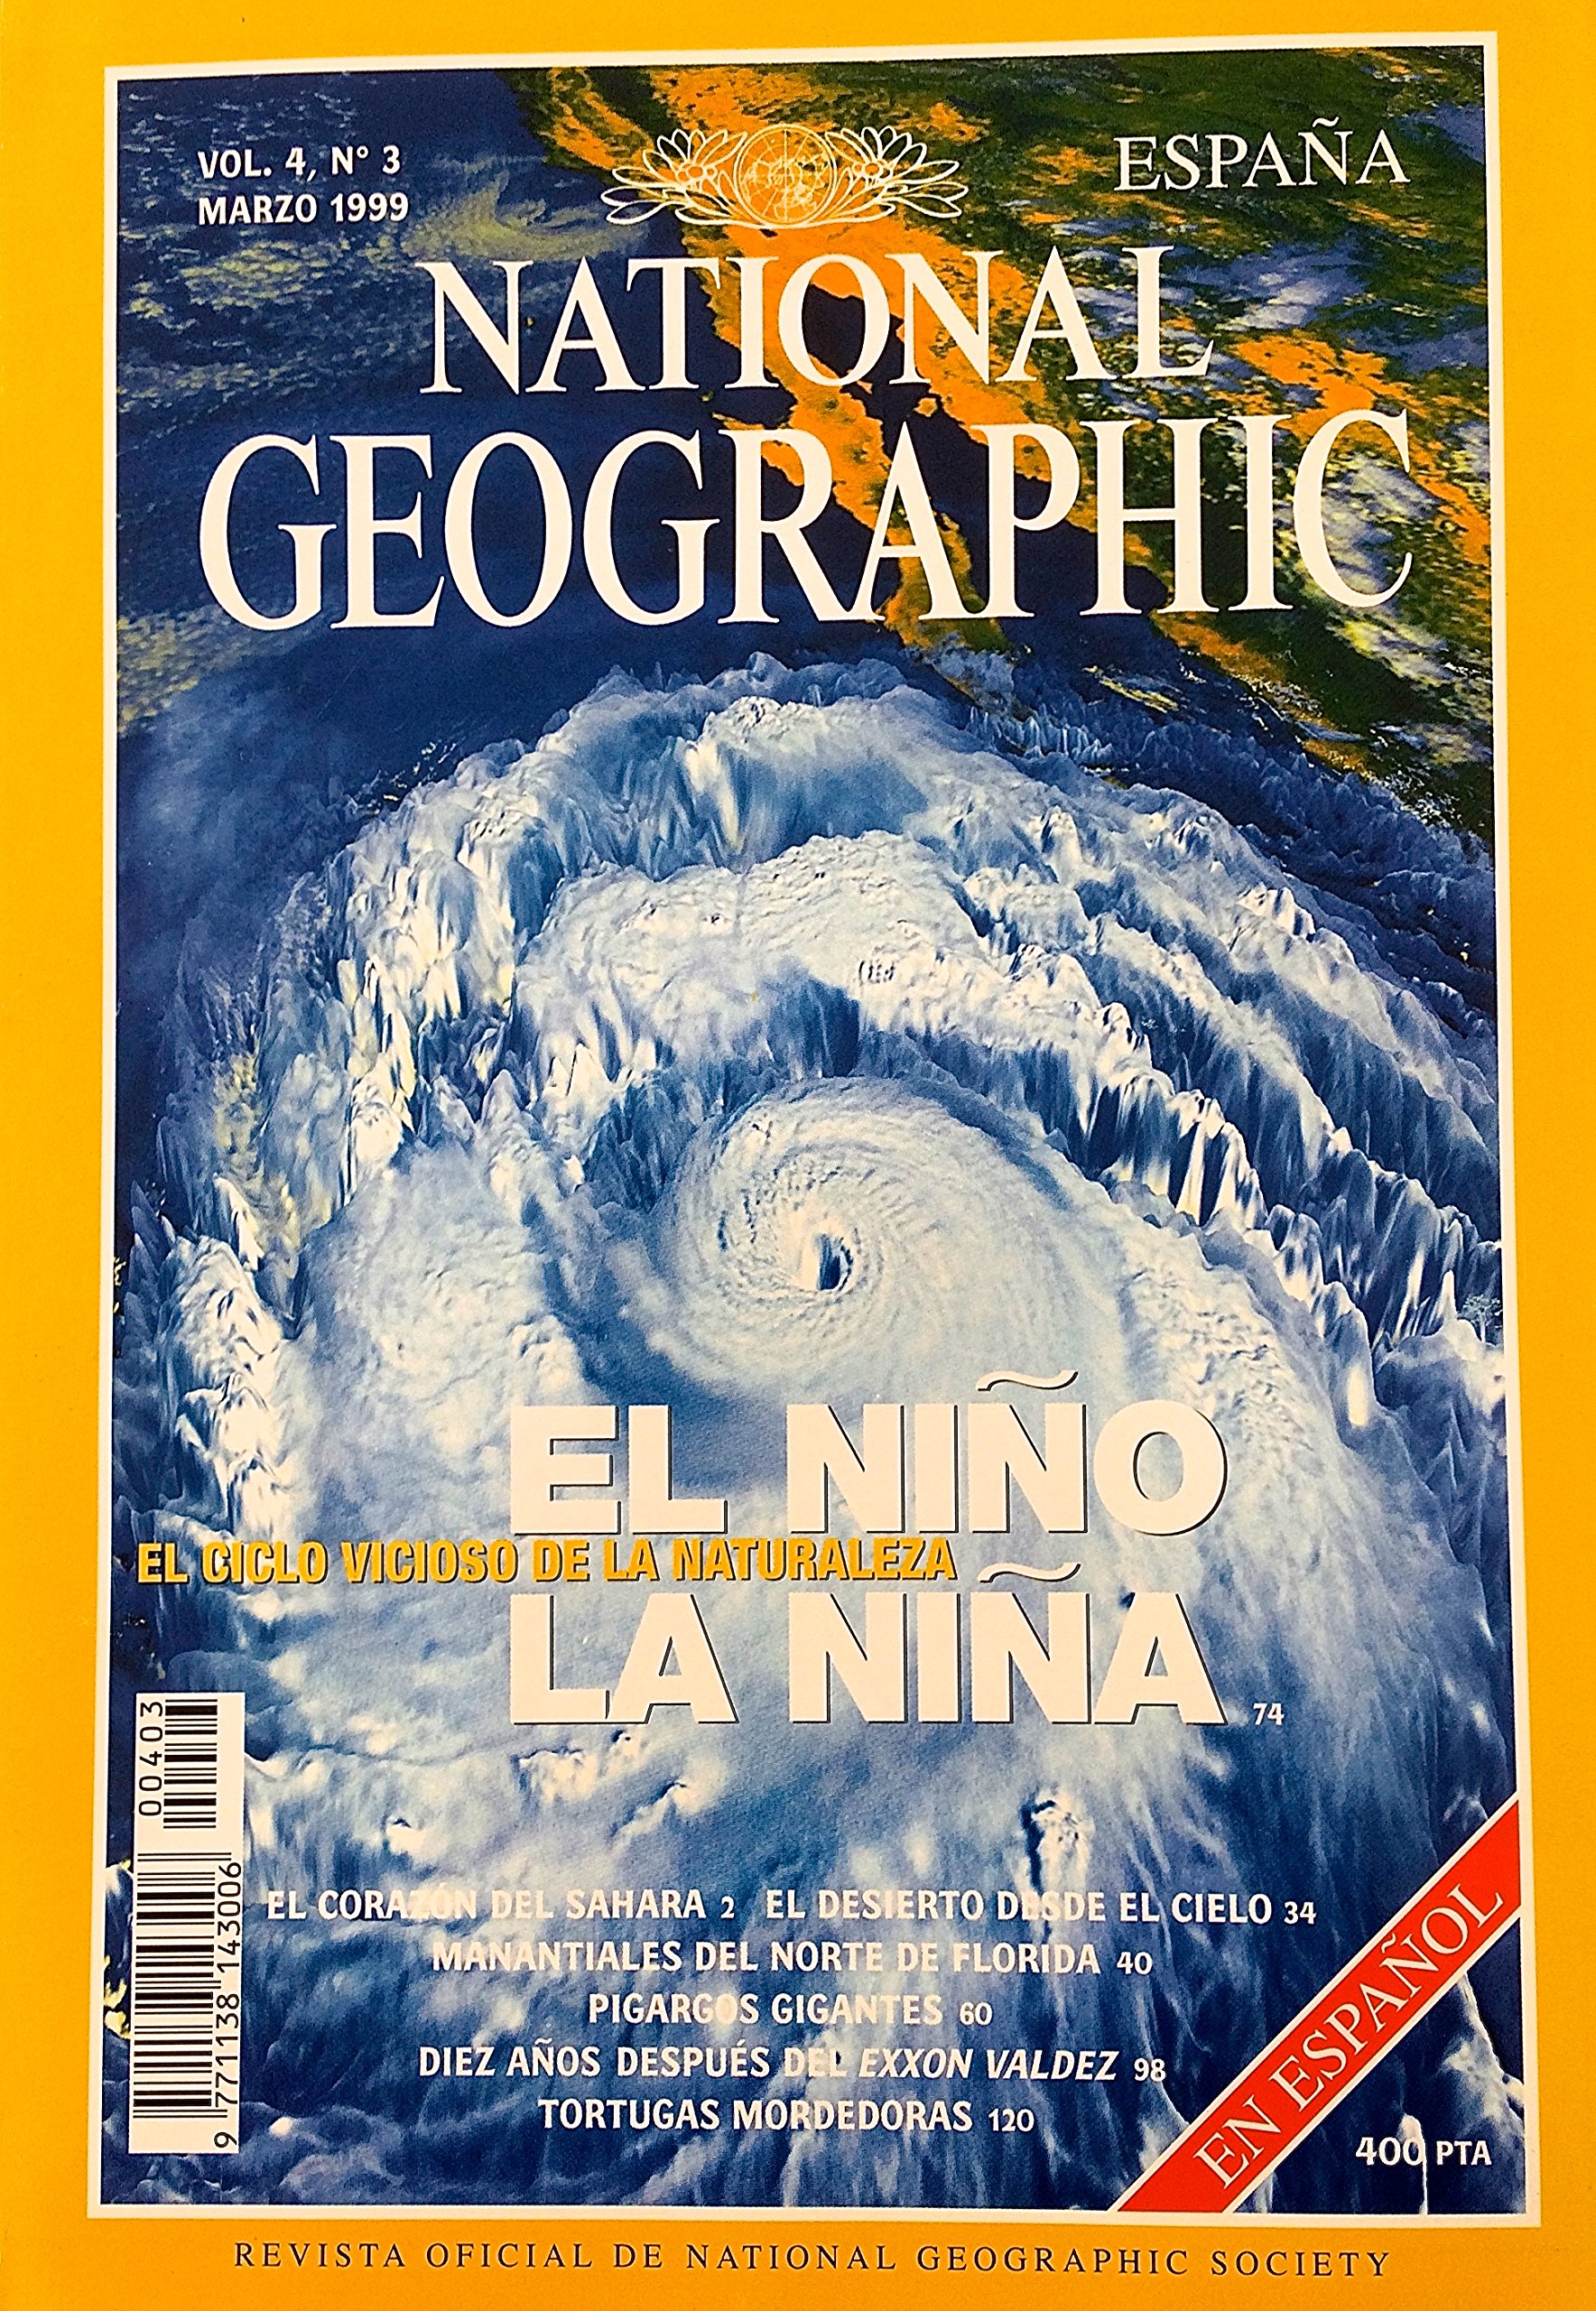 National Geographic España. El Niño, la Niña. El ciclo vicioso de la naturaleza. Vol. 4. Núm. 3: Amazon.es: Diversos autores: Libros